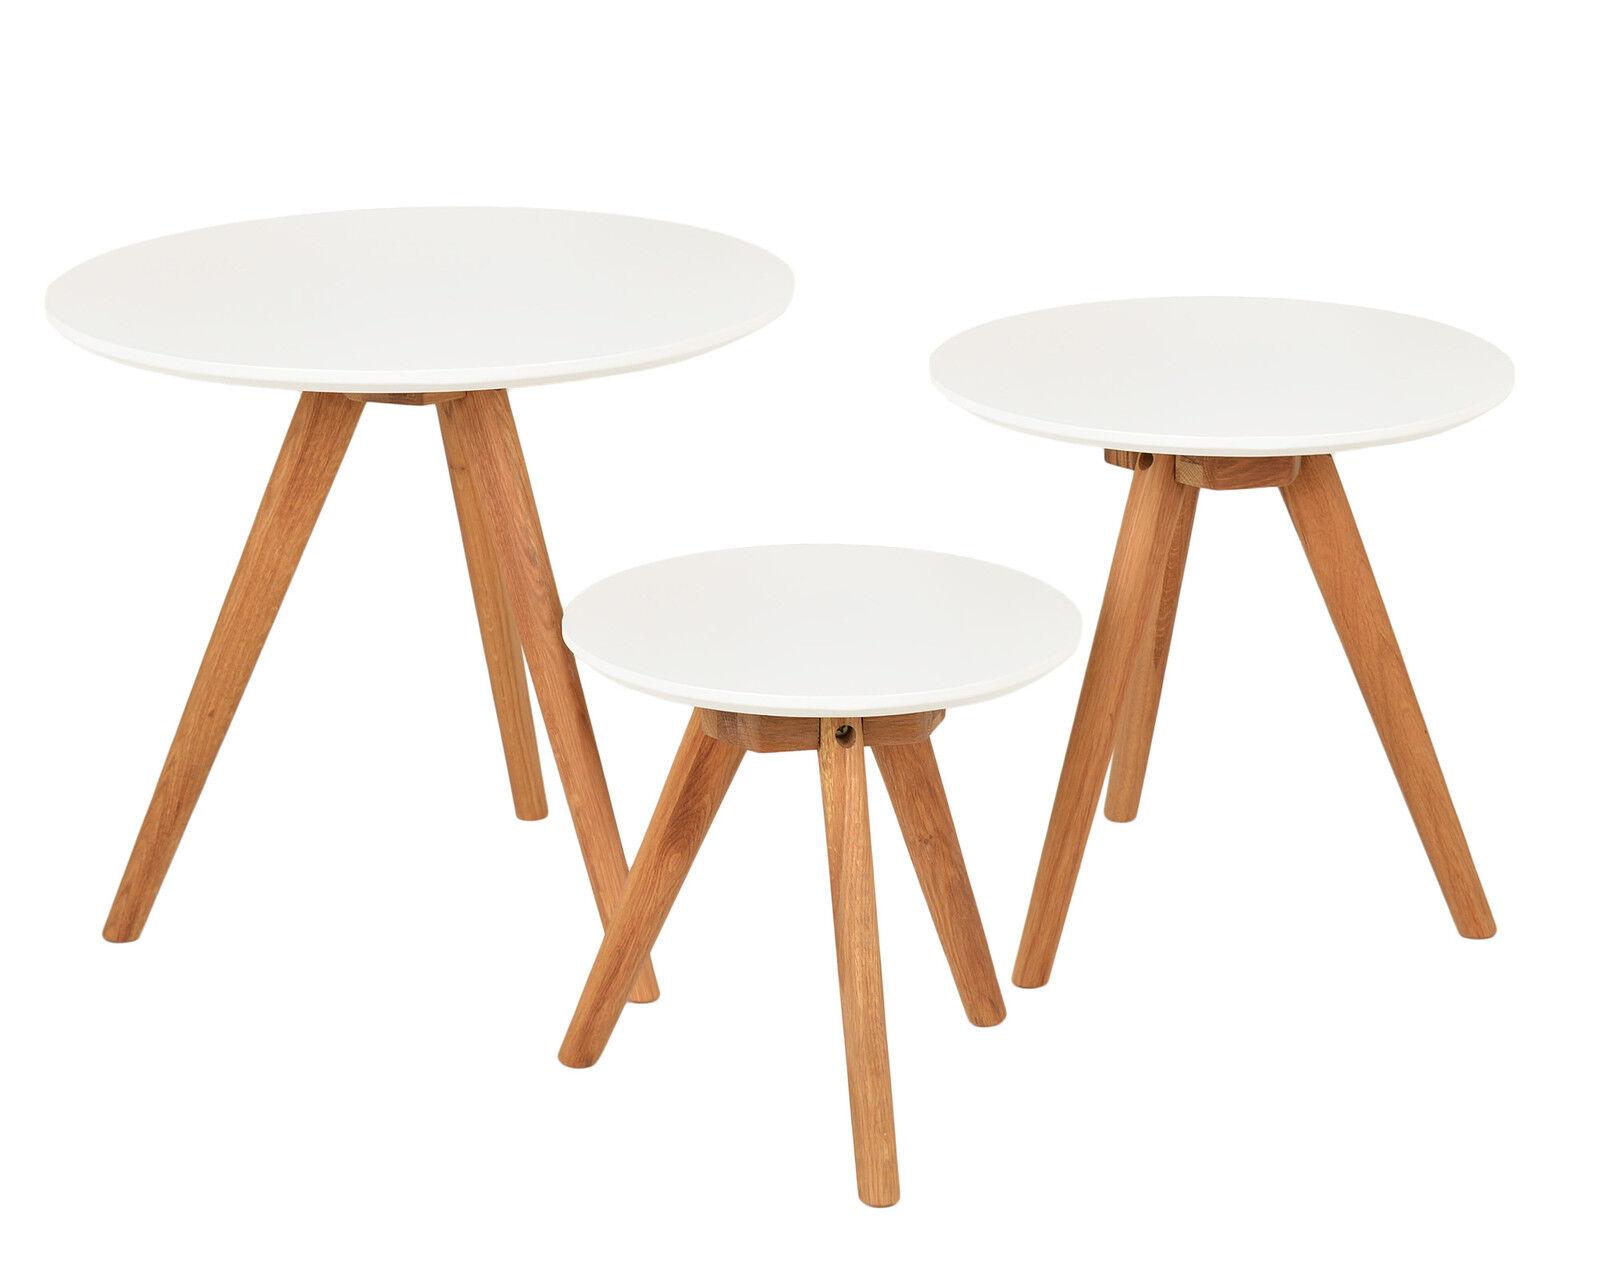 http://i.ebayimg.com/t/3er-Set-Design-Beistelltische-Rund-Eiche-Weiss-Kaffeetisch-Couchtisch-Nachttisch-/00/s/MTI2MVgxNjAw/z/BeEAAOSwKIpV-ZG1/$_57.JPG